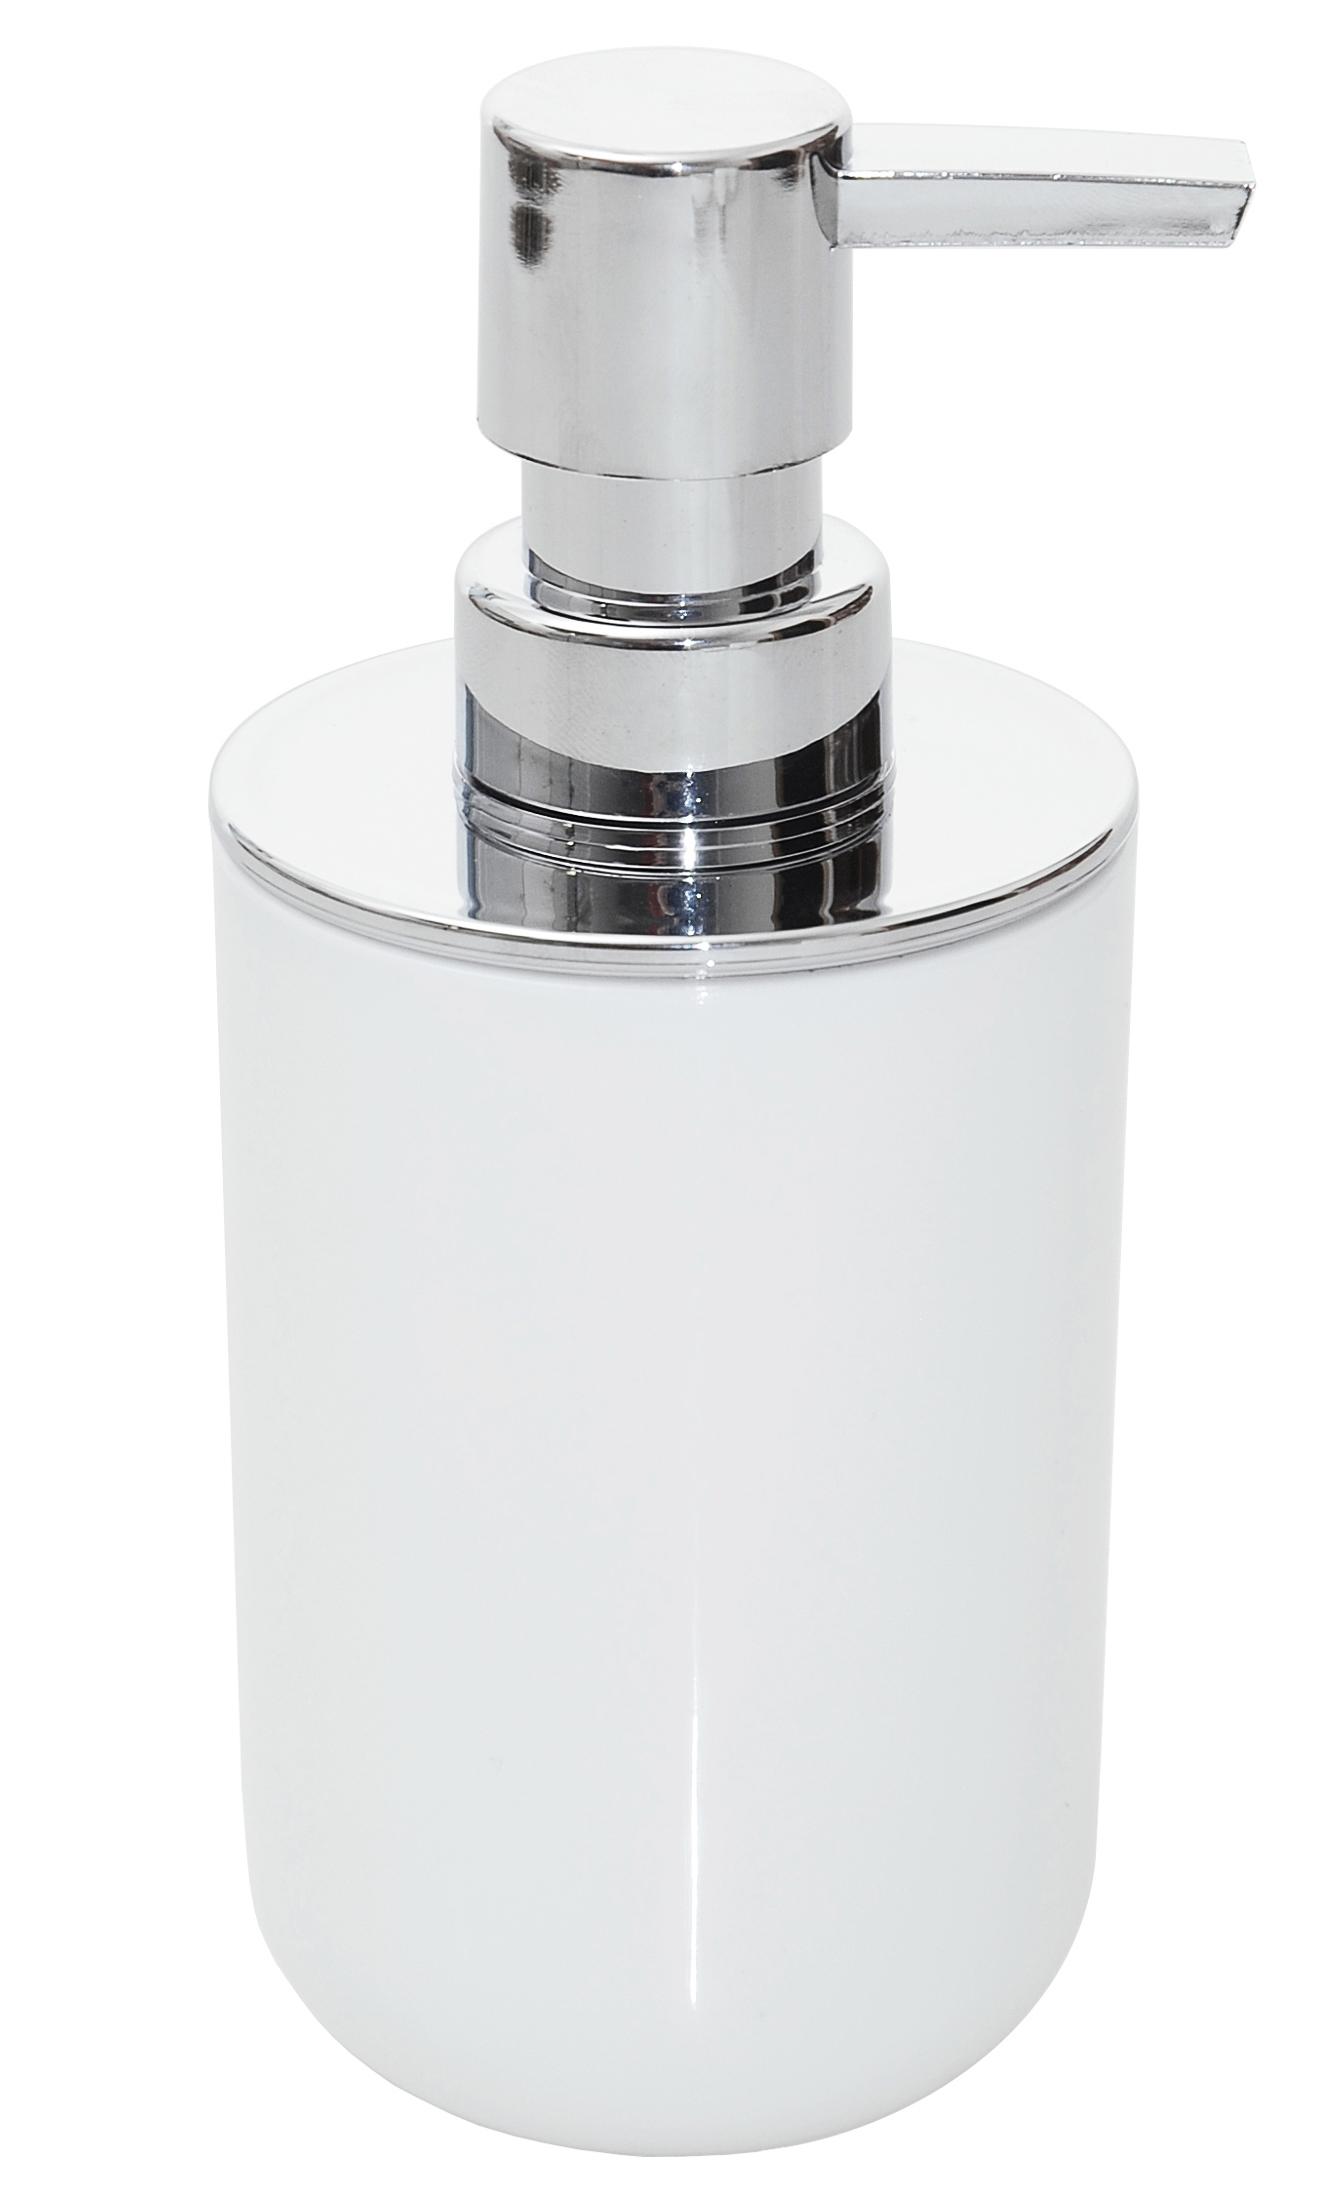 Kúpeľňový dávkovač pre podávač mydlu biela hladká